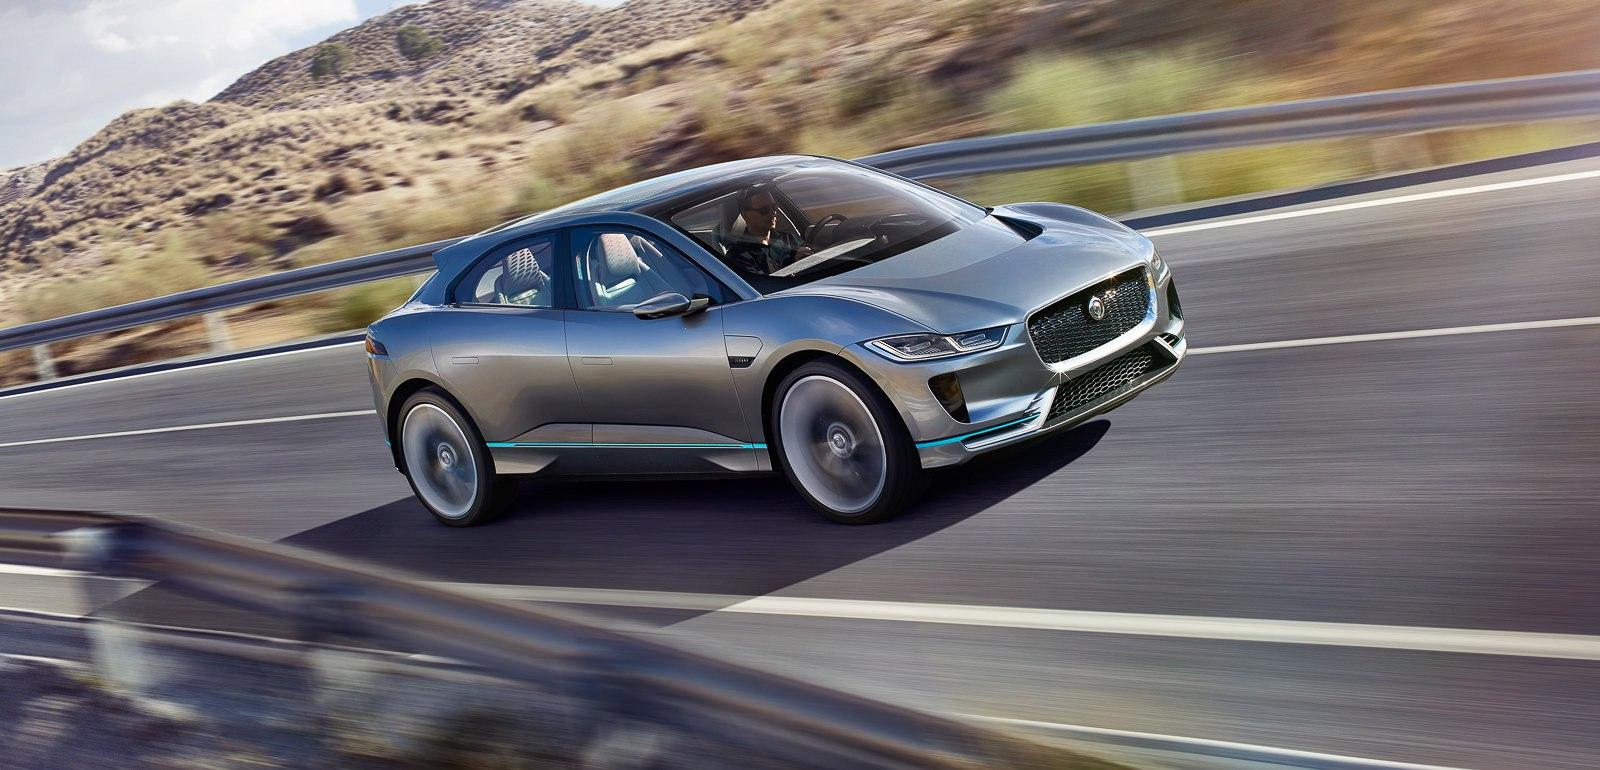 Jaguar I-Pace: автомобили будущего получат новую компоновку